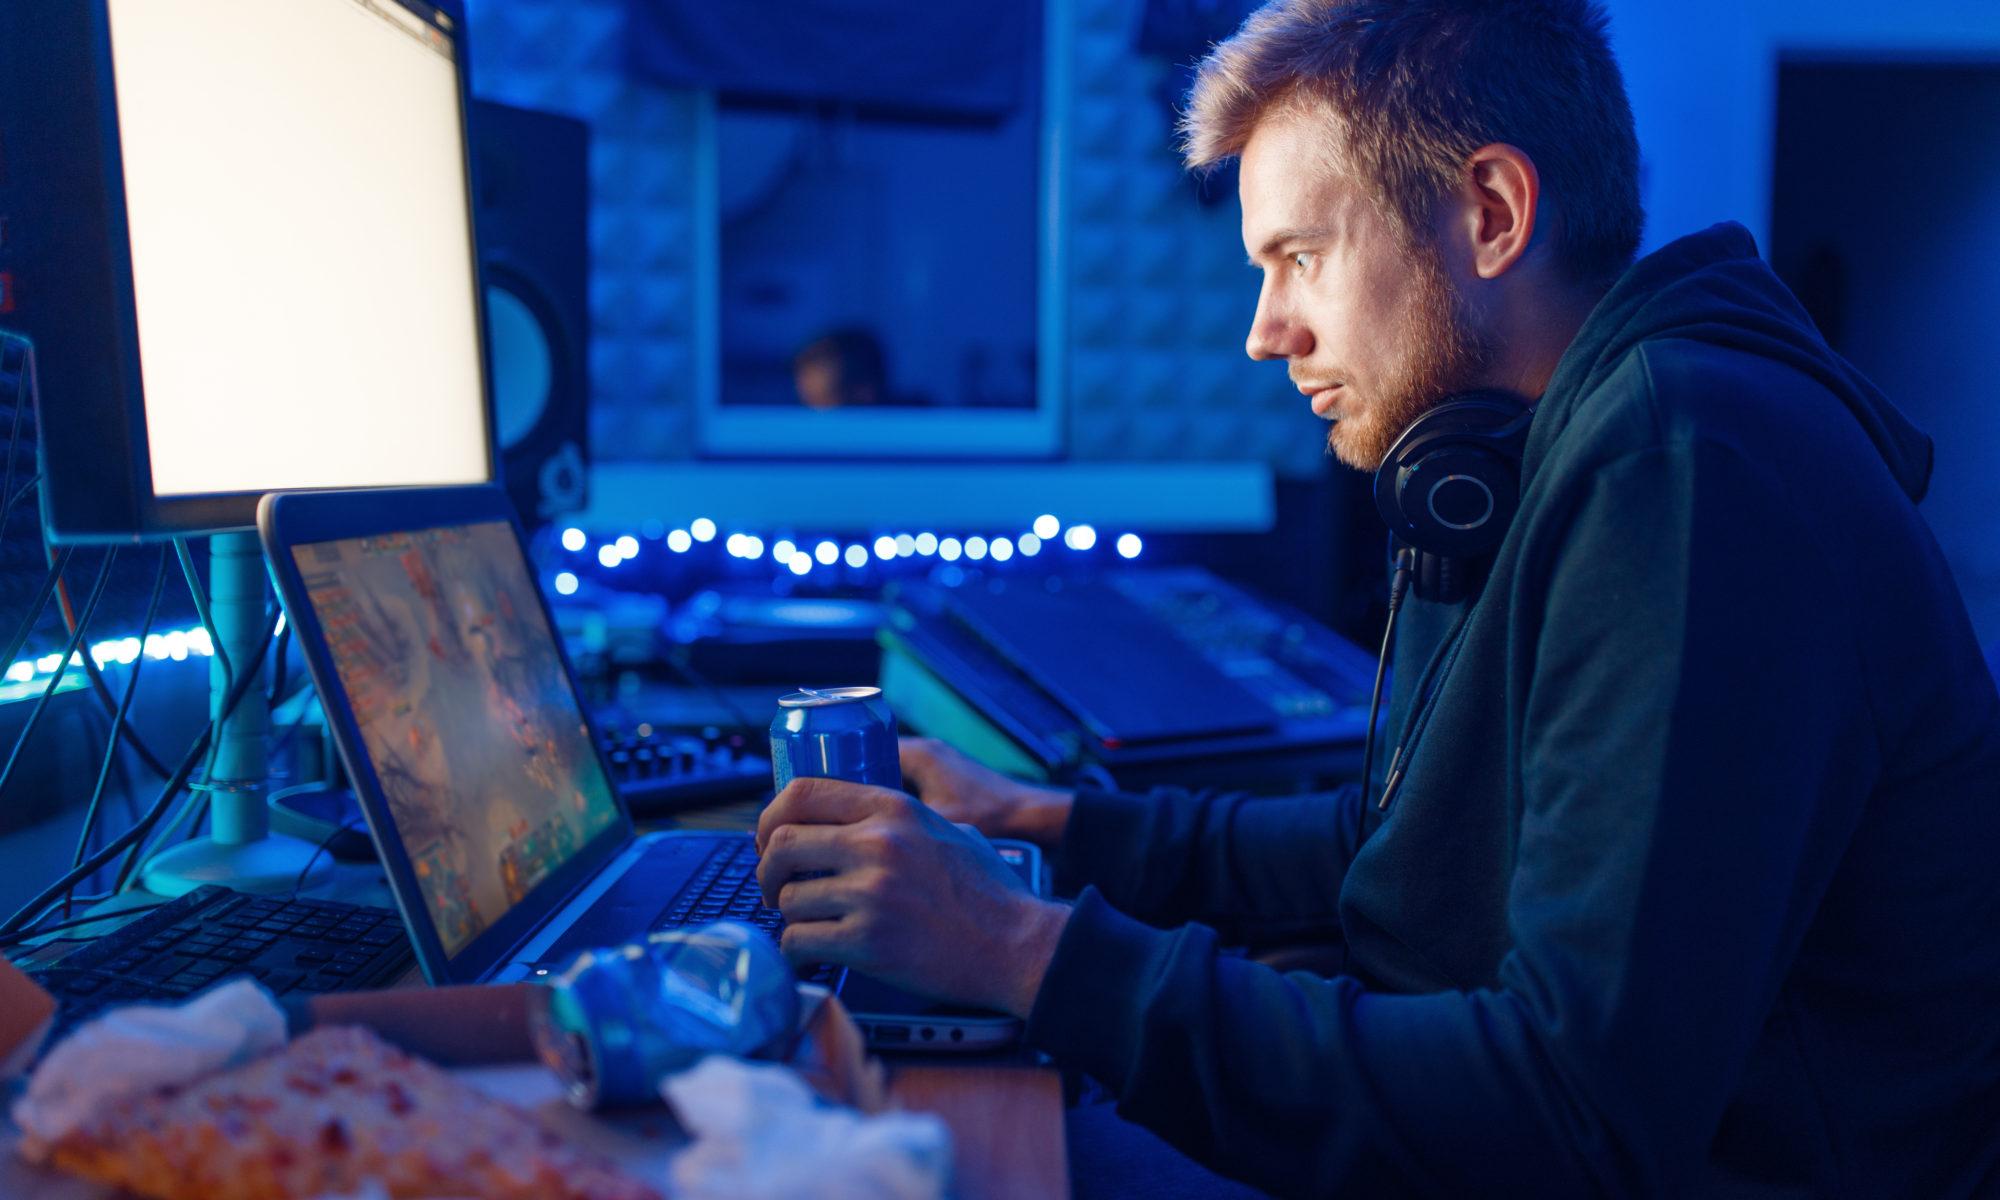 Młody mężczyzna przed monitorem komputera